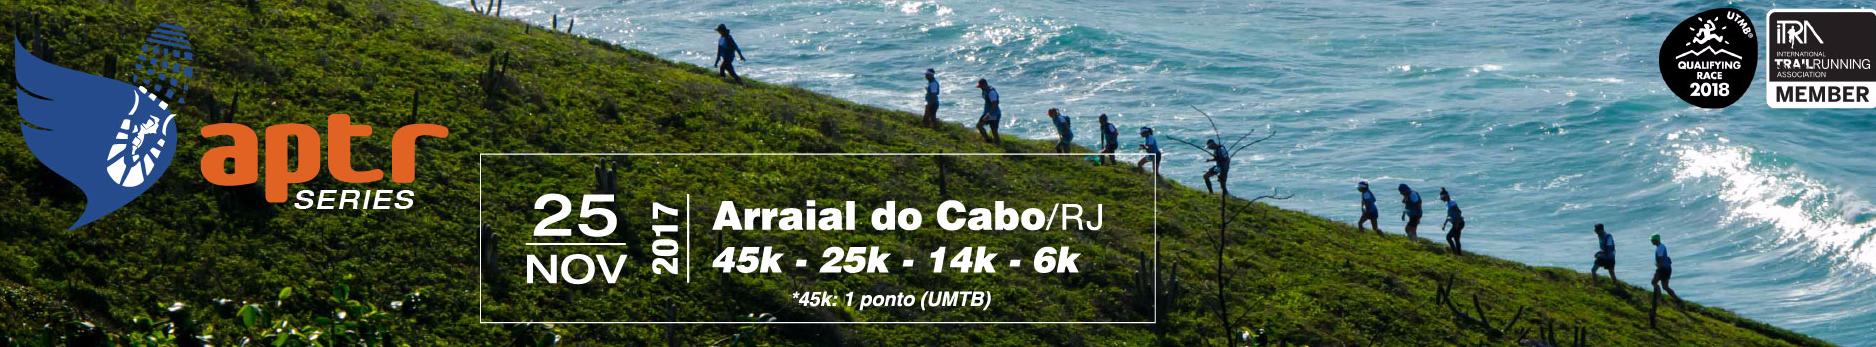 APTR ARRAIAL DO CABO 2017 - Imagem de topo